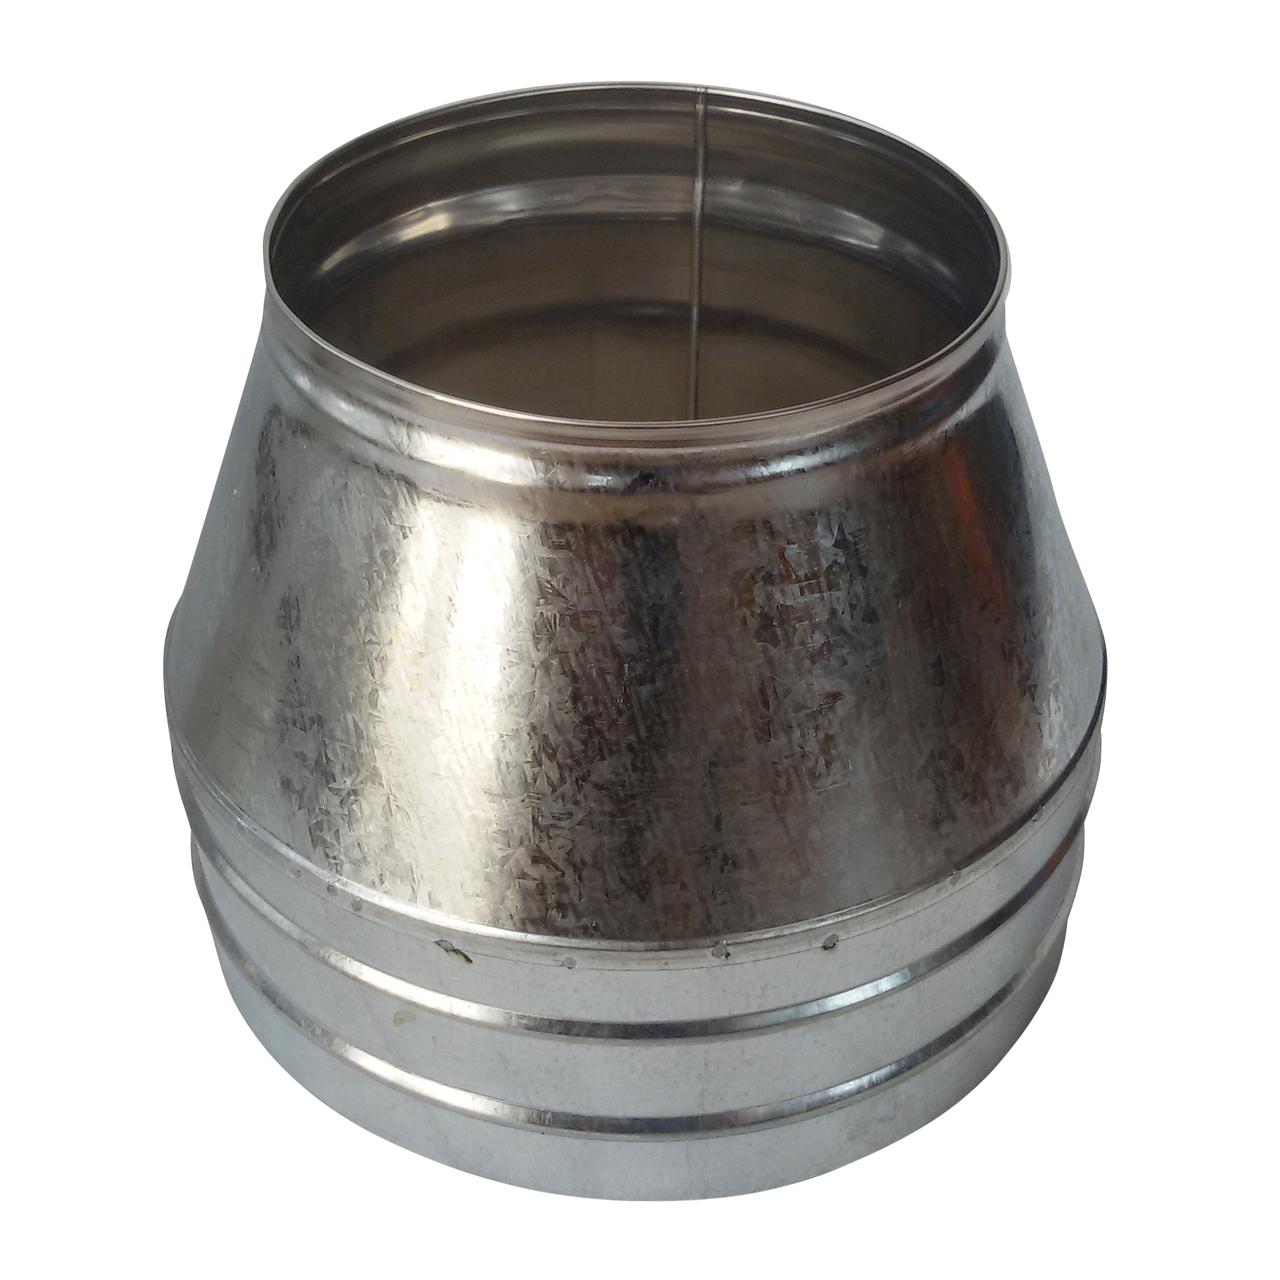 Конус-сэндвич ø150 мм 0,5 мм AISI 304 нержавейка/оцинковка для дымохода дымоходный вентиляции Версия-Люкс